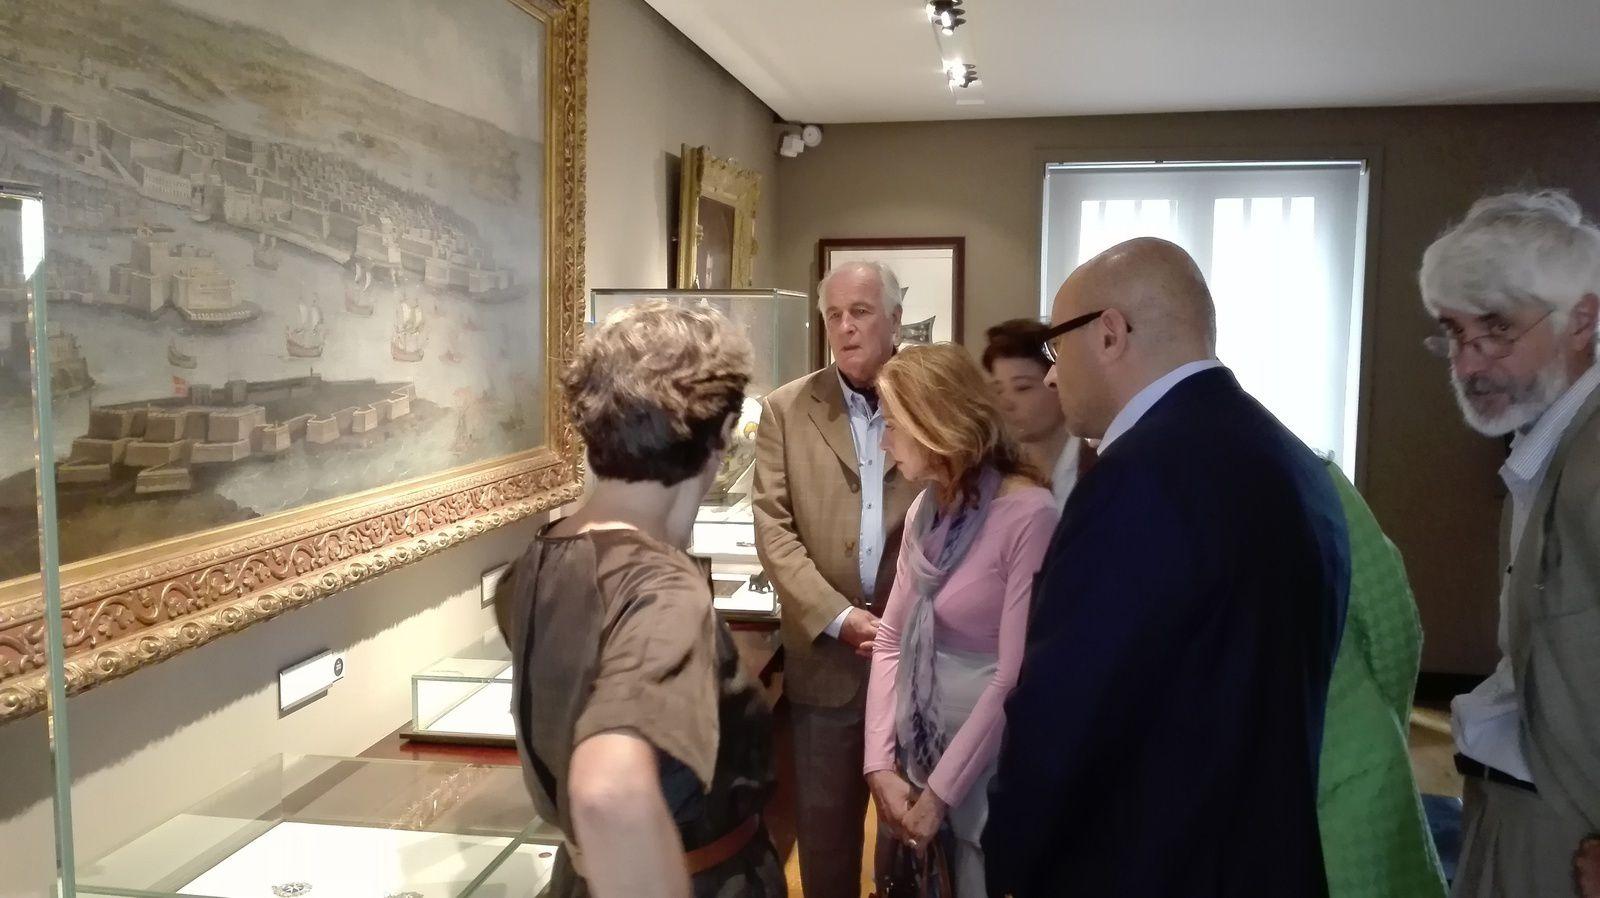 VISITE DU MUSEE DE LA LEGION D'HONNEUR ET DES ORDRES DE CHEVALERIE